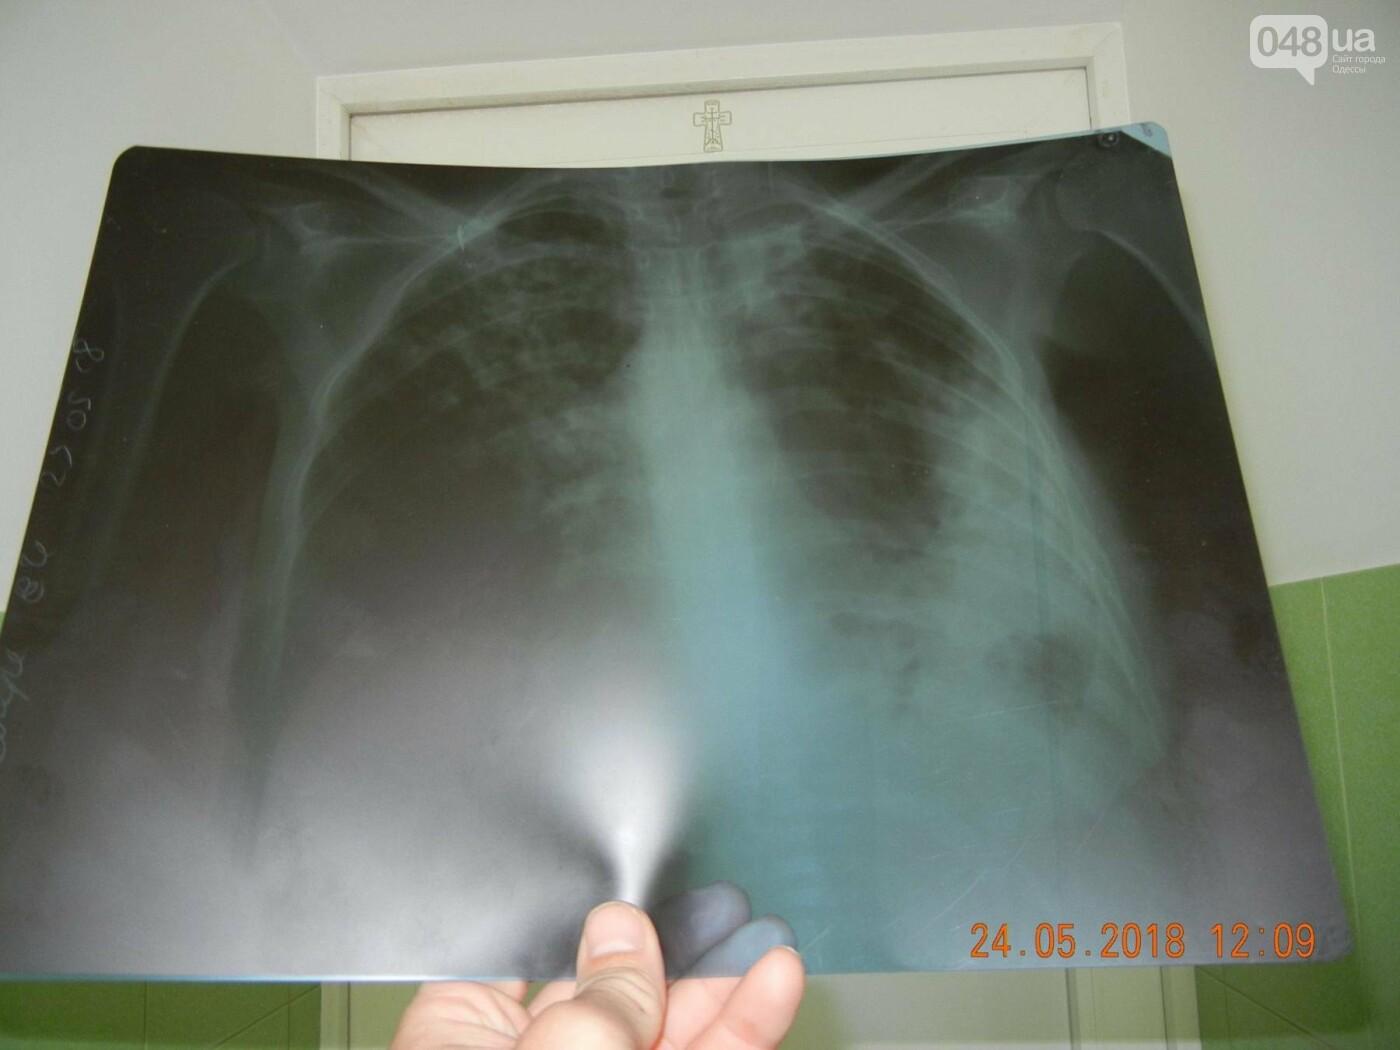 В одесской больнице женщина с последней стадией туберкулеза провела сутки в общей палате, - ФОТО, фото-2